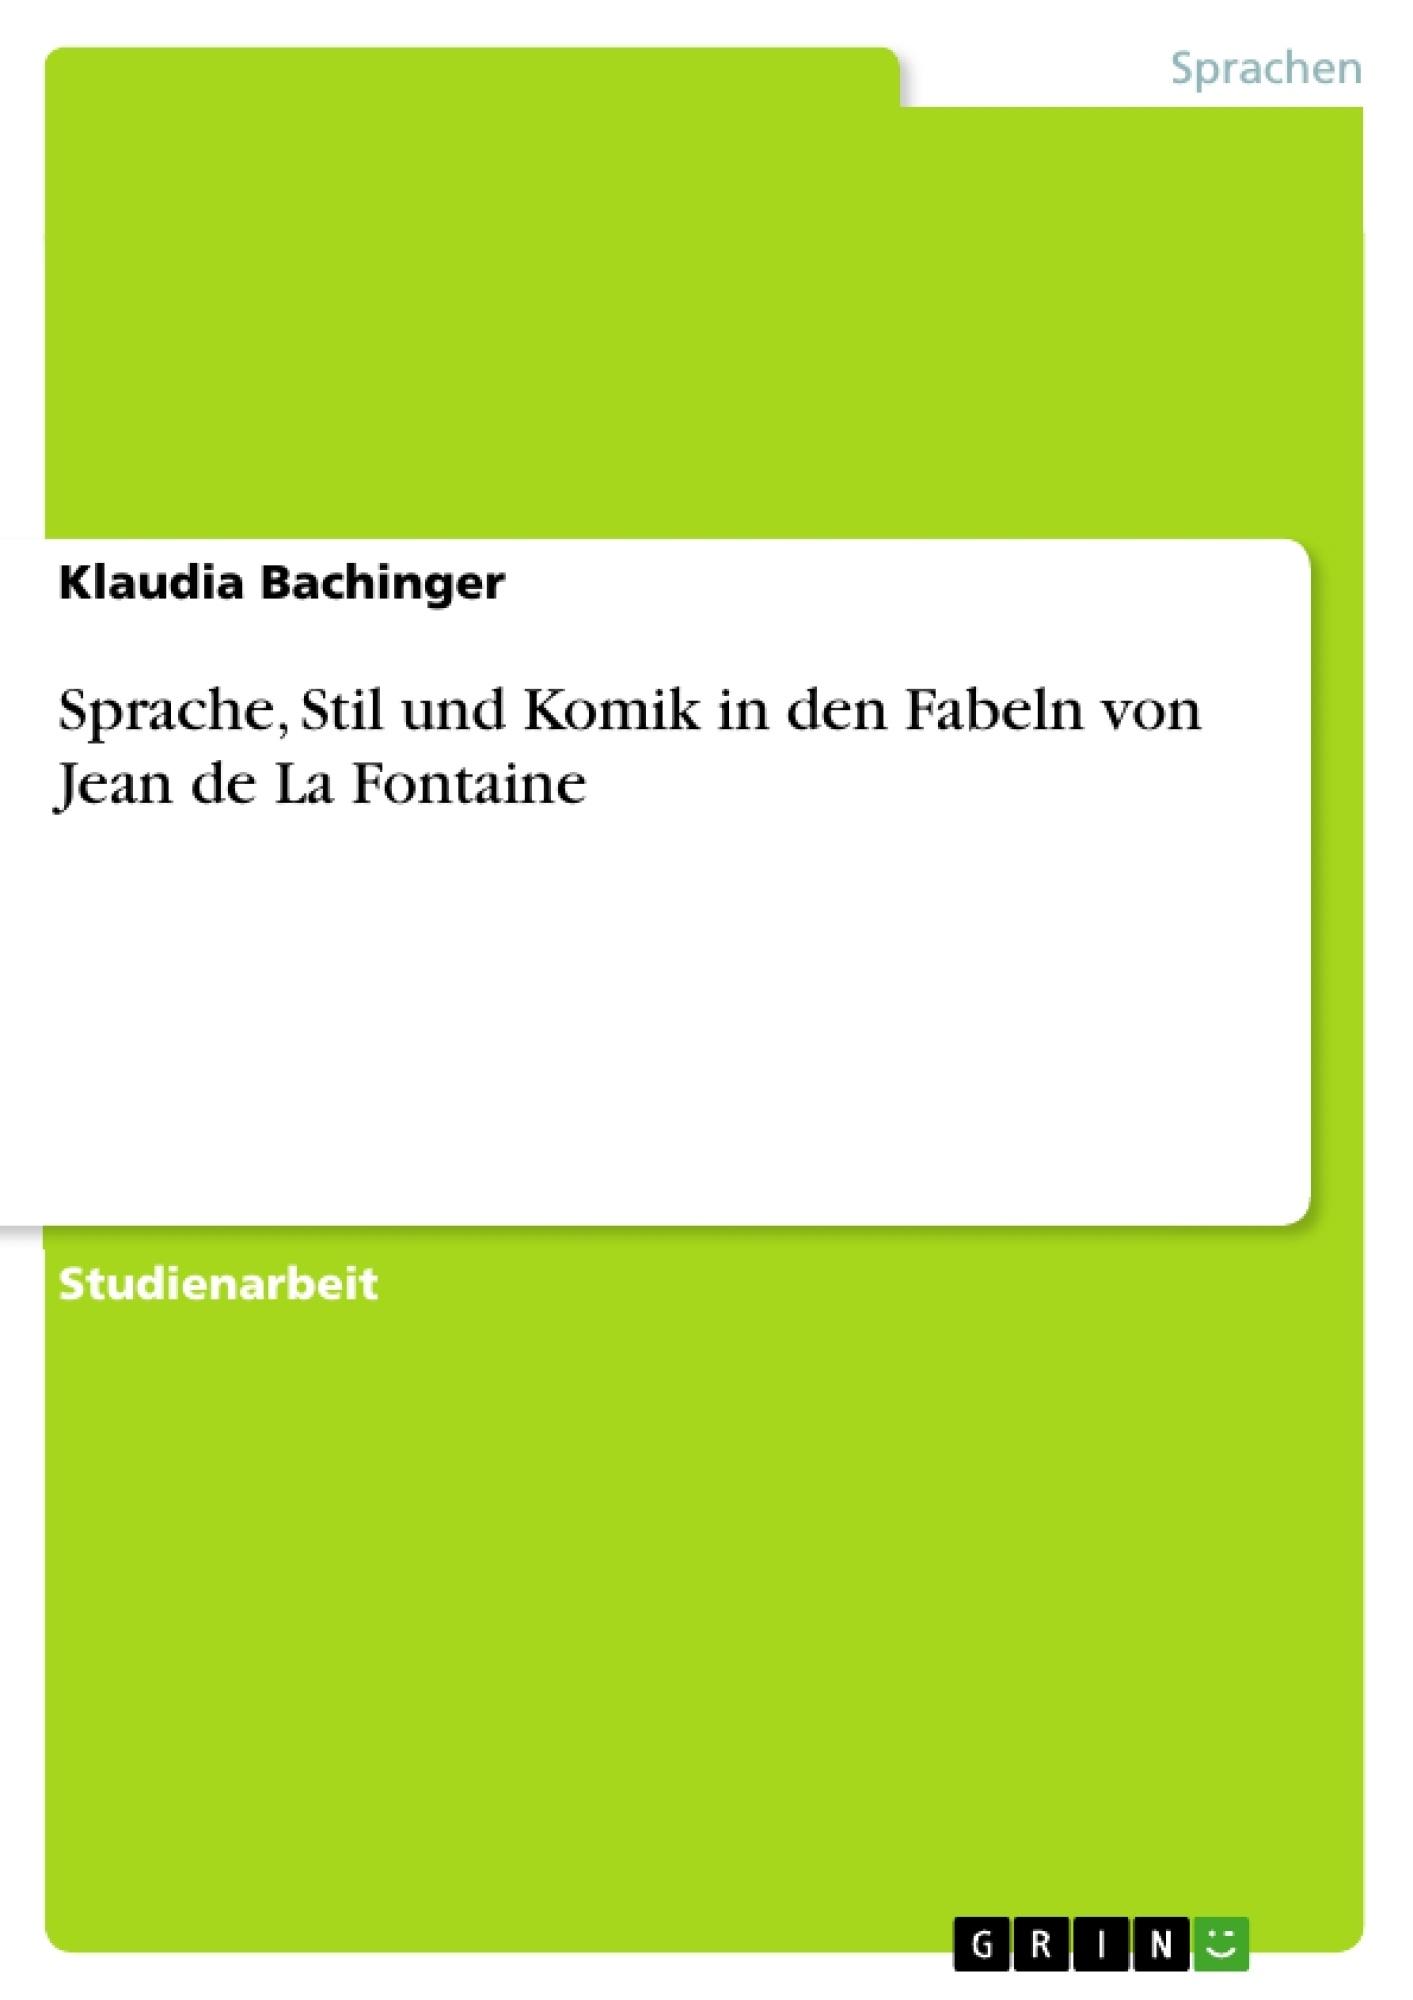 Titel: Sprache, Stil und Komik in den Fabeln von Jean de La Fontaine